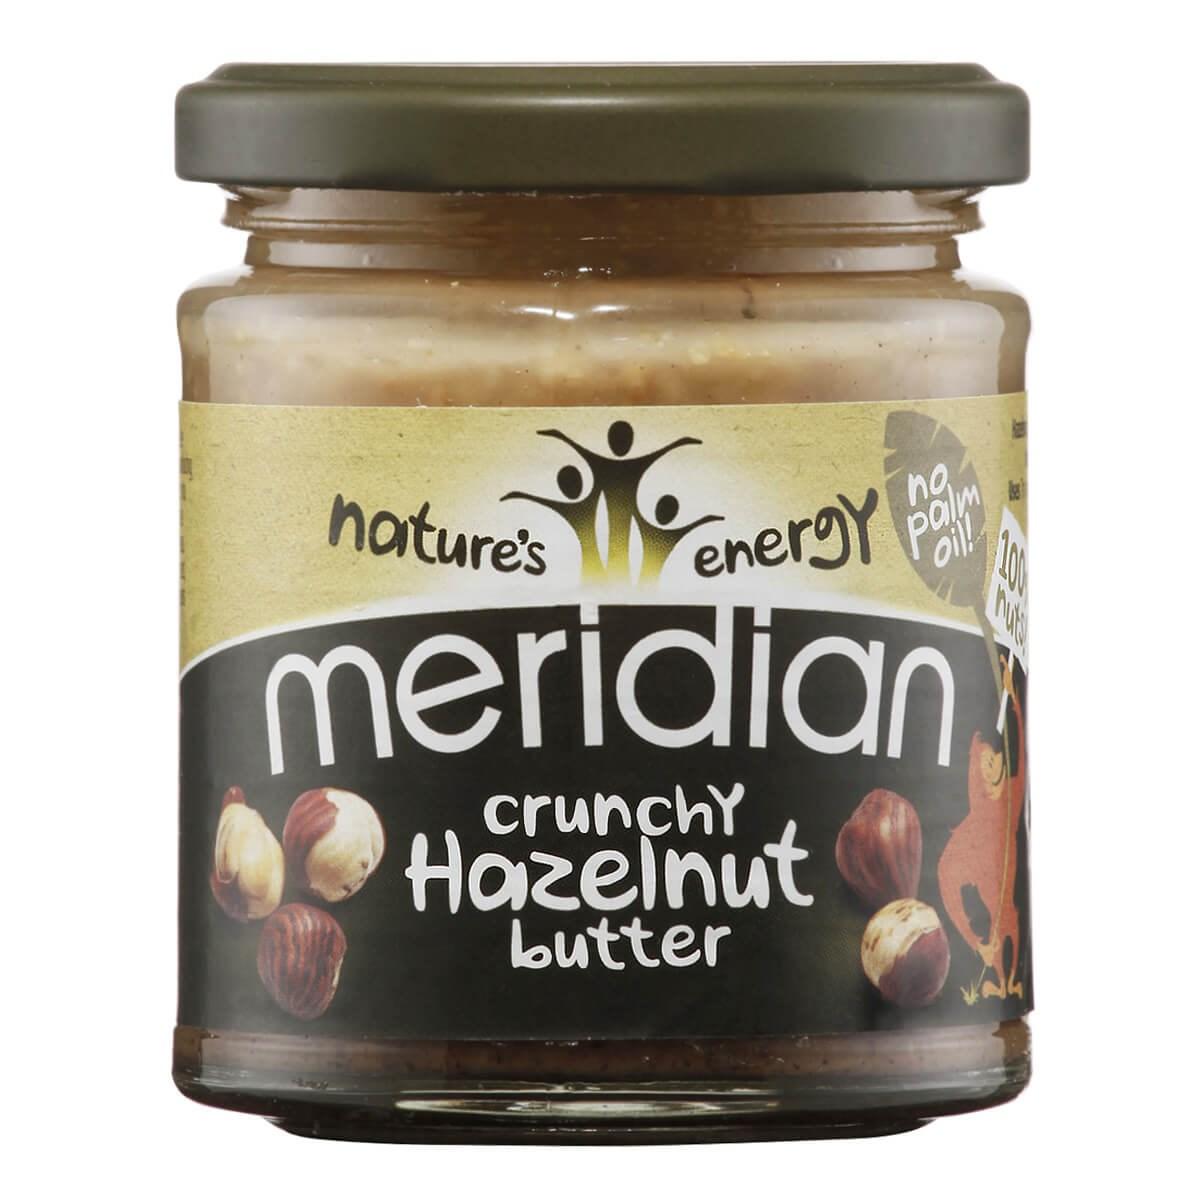 Meridian Crunchy Hazelnut Butter